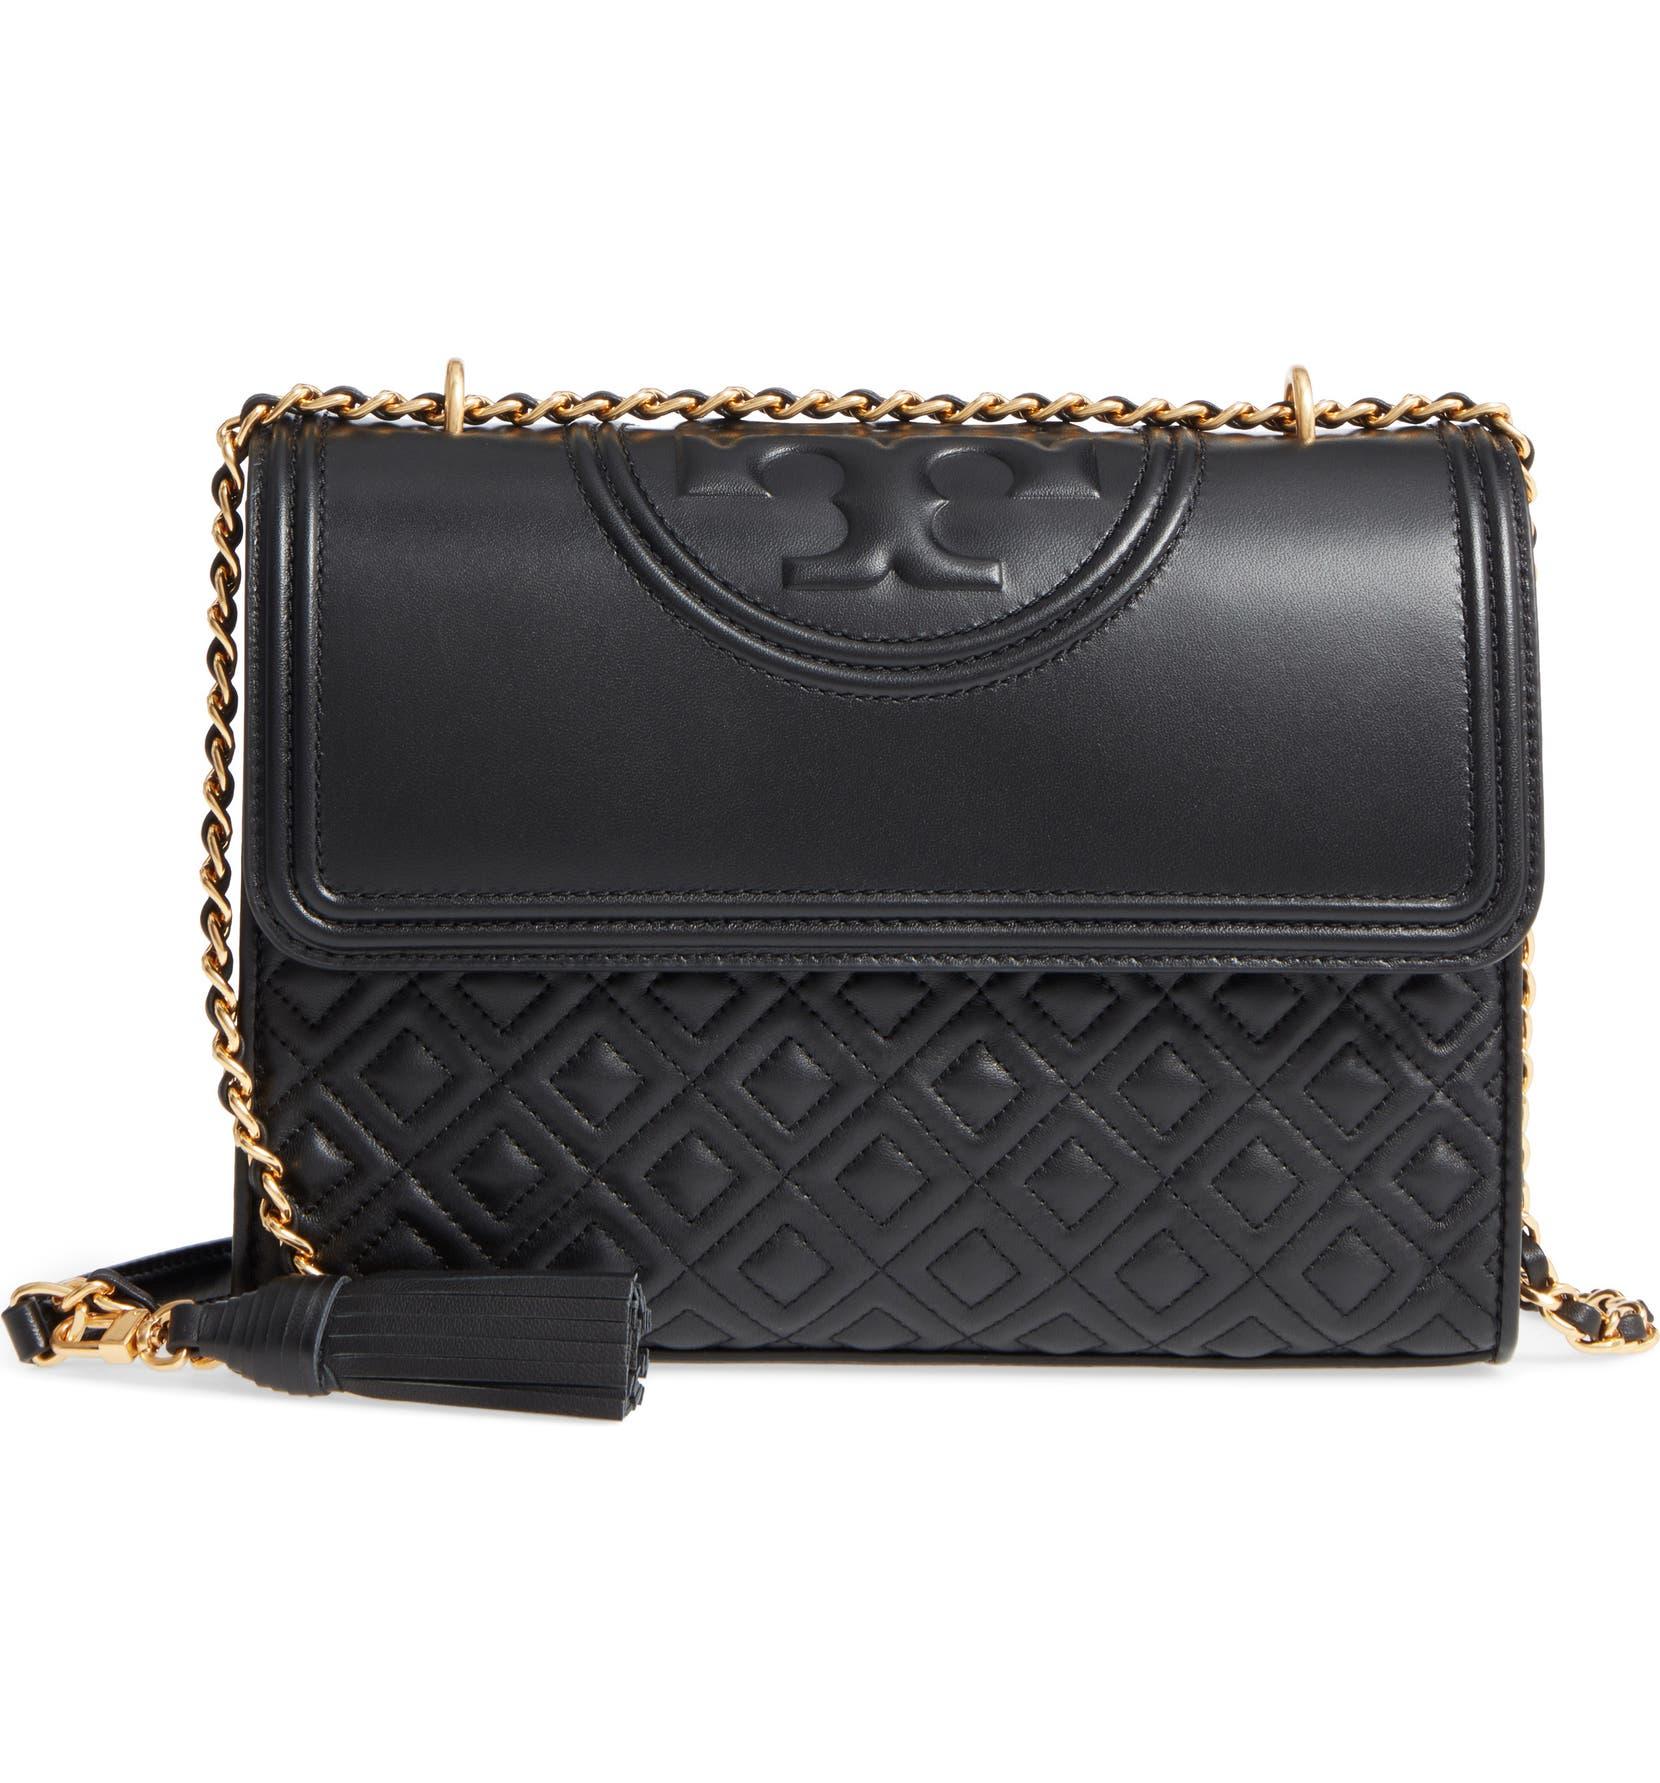 Tory Burch Fleming Leather Convertible Shoulder Bag  d802091ab4de1